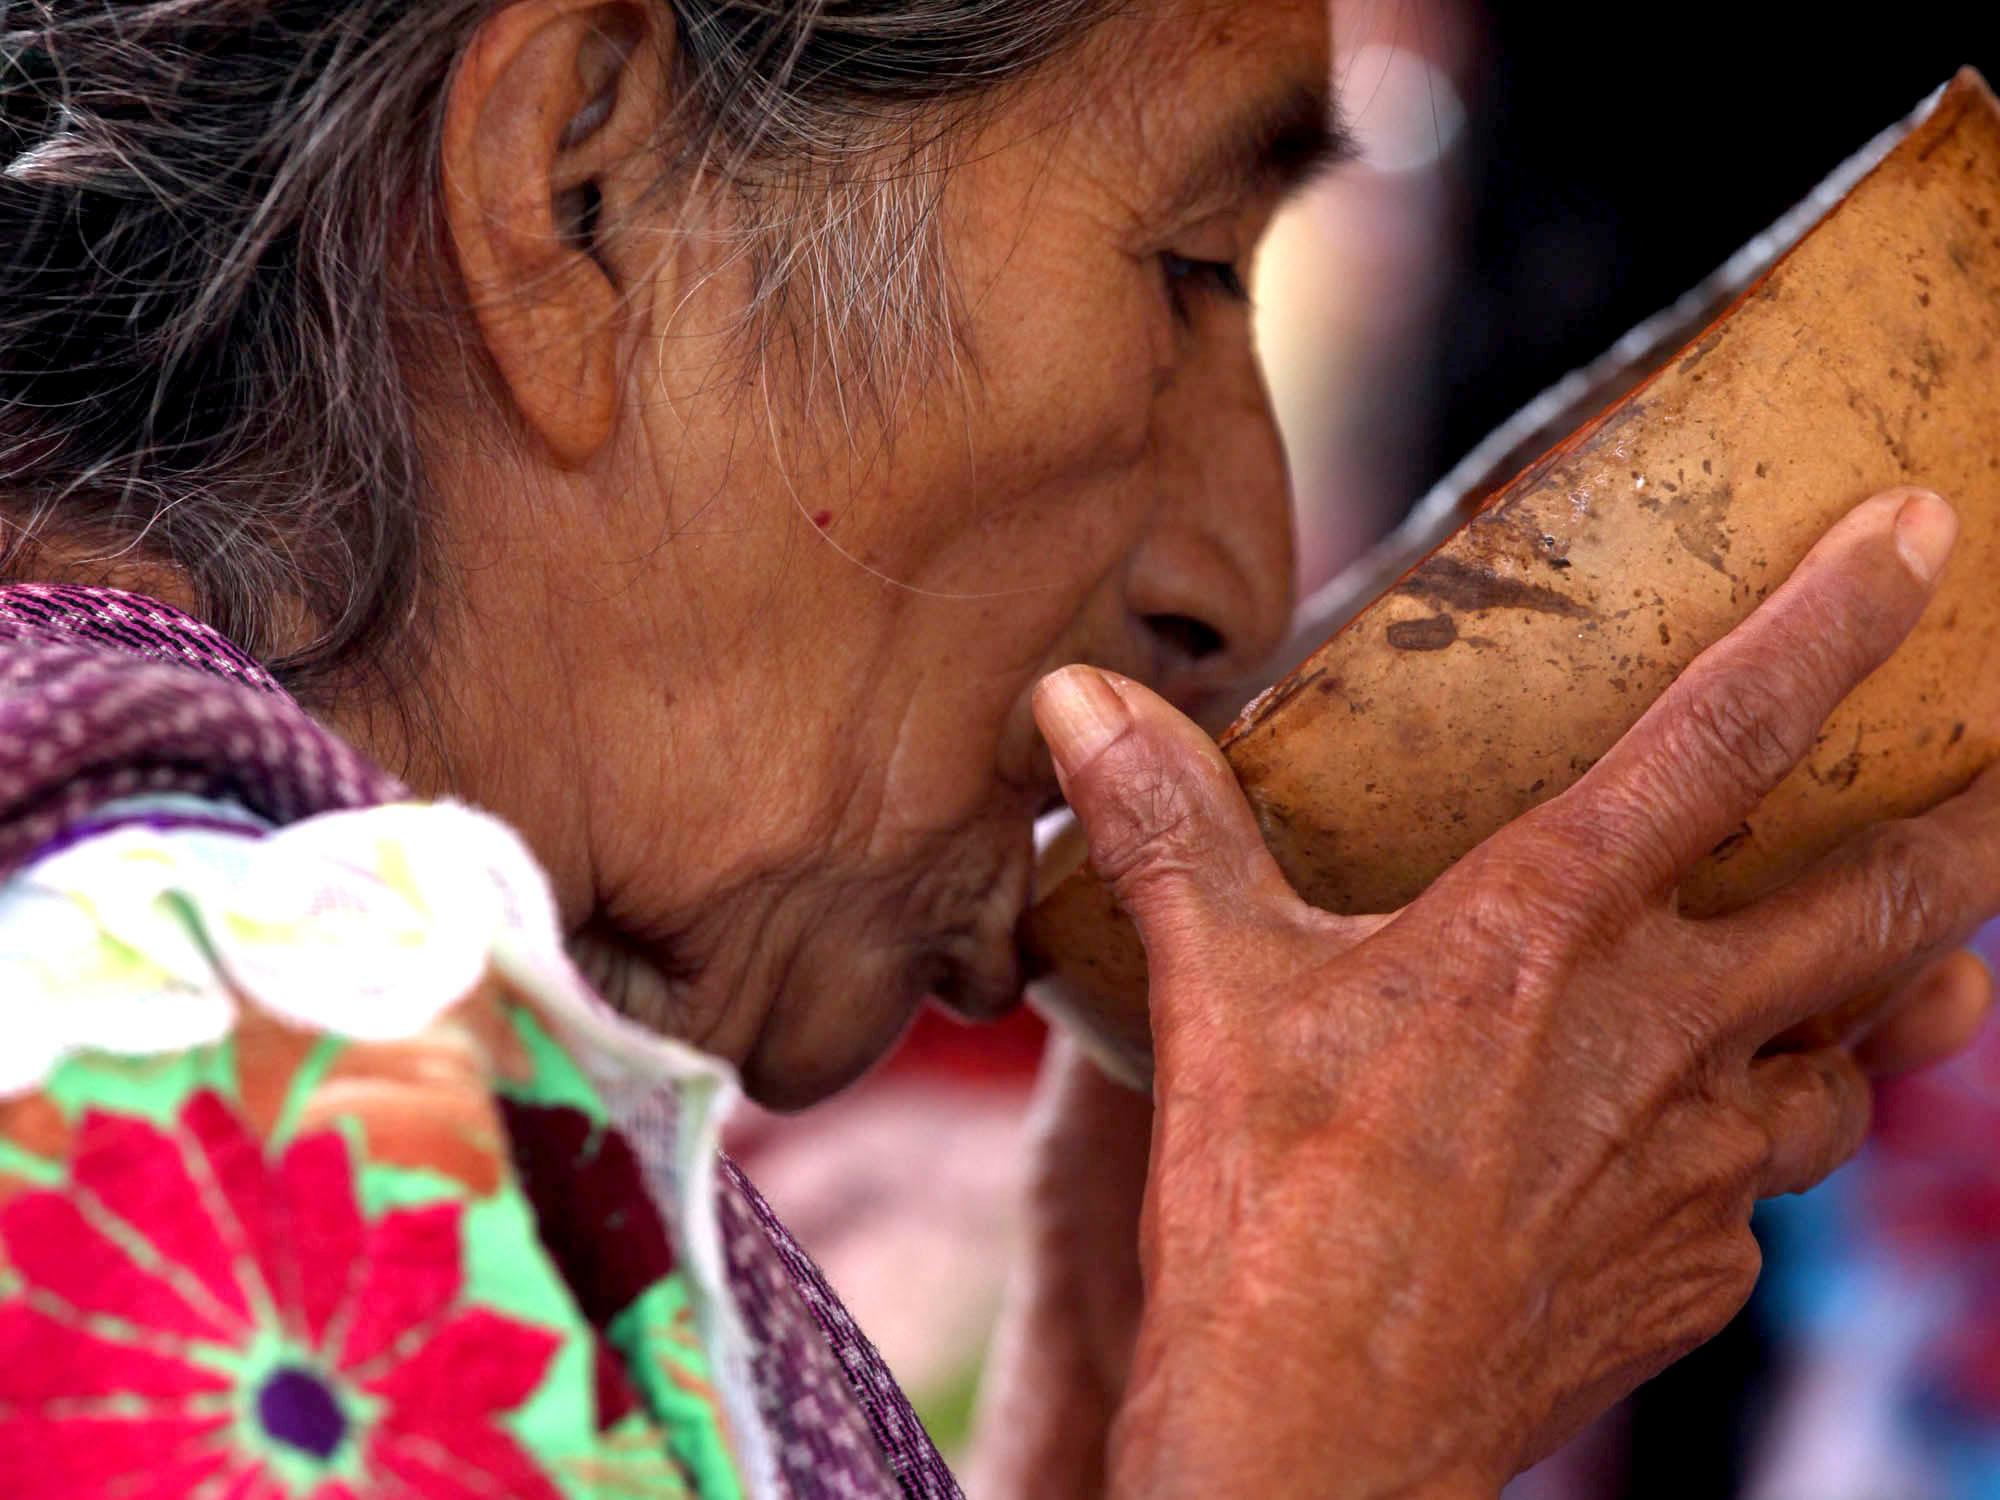 Etnografía del pueblo mazateco de Oaxaca - Ha shuta Enima